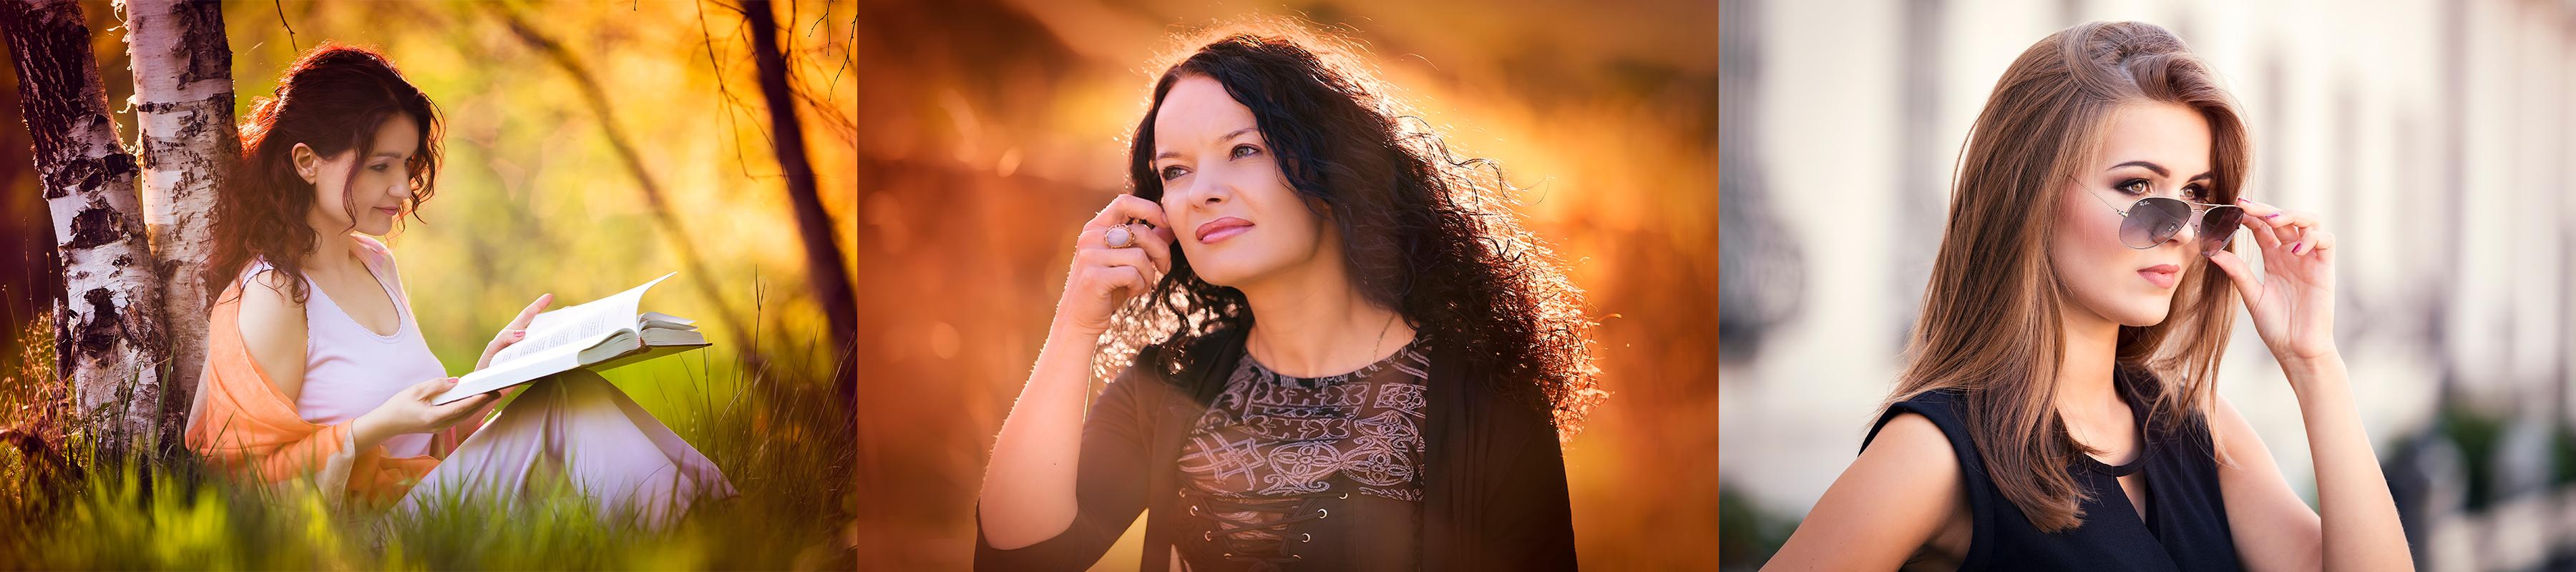 Klaudia-Cieplinska-Fotograf-Jelenia-Gora-06